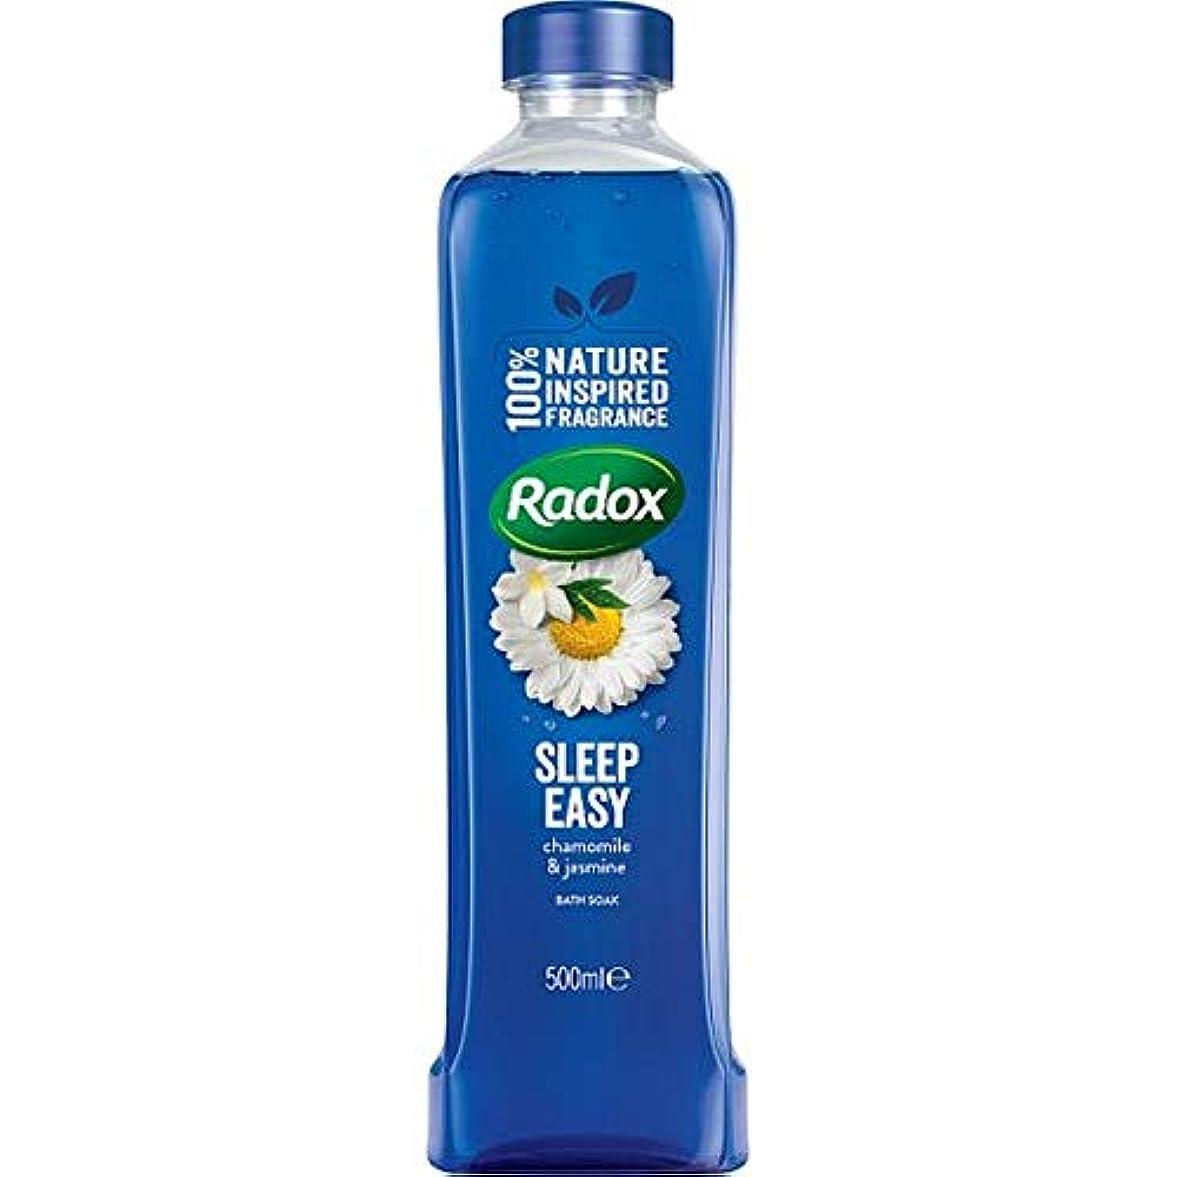 ベアリングサークル恐怖症説明的[Radox] Radoxは、500ミリリットルのソーク良い香りの睡眠簡単にお風呂を感じます - Radox Feel Good Fragrance Sleep Easy Bath Soak 500Ml [並行輸入品]